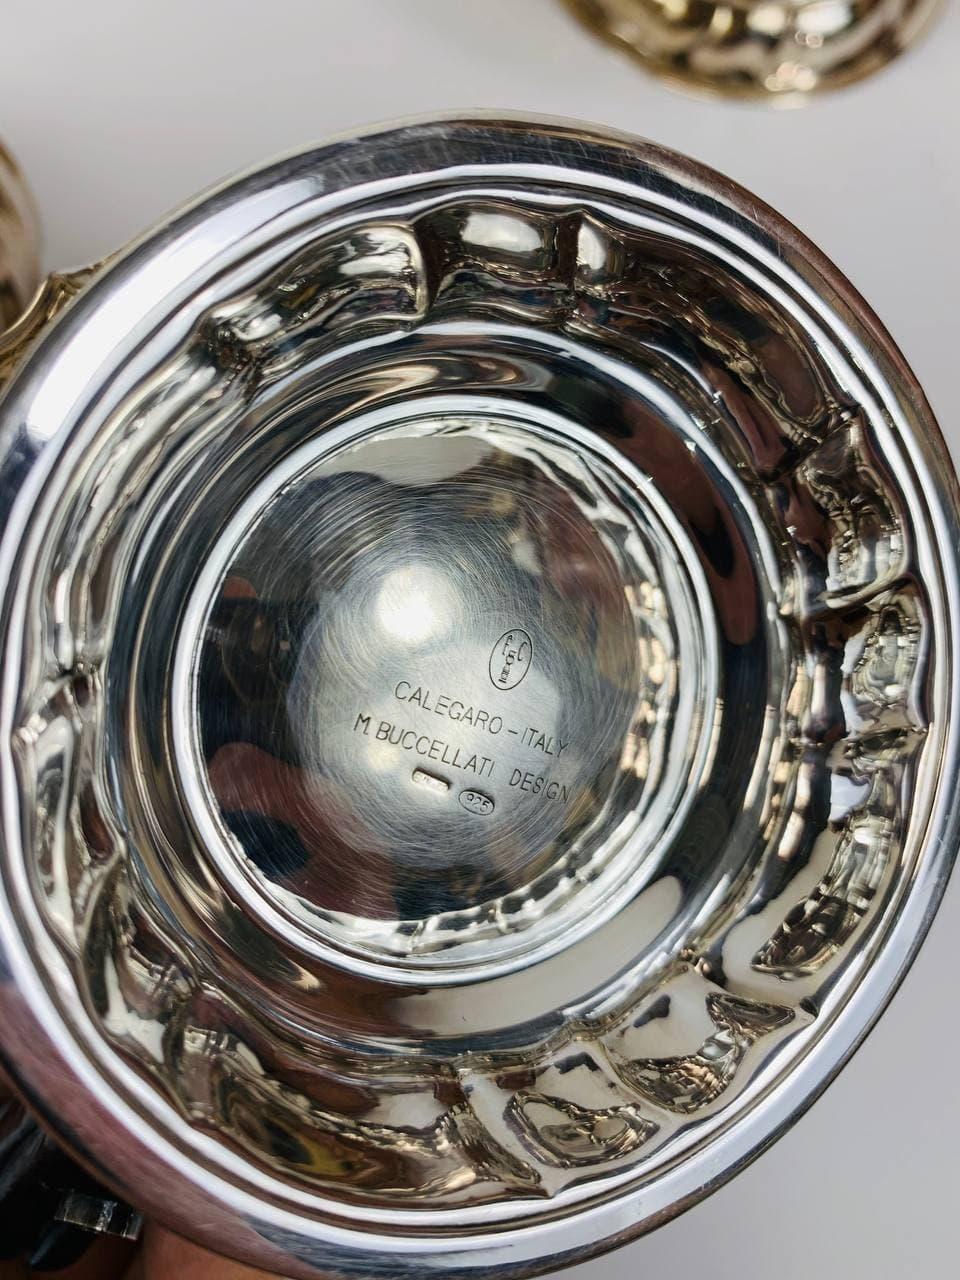 Винтажный чайный сервиз из серебра марки BUCCELLATI